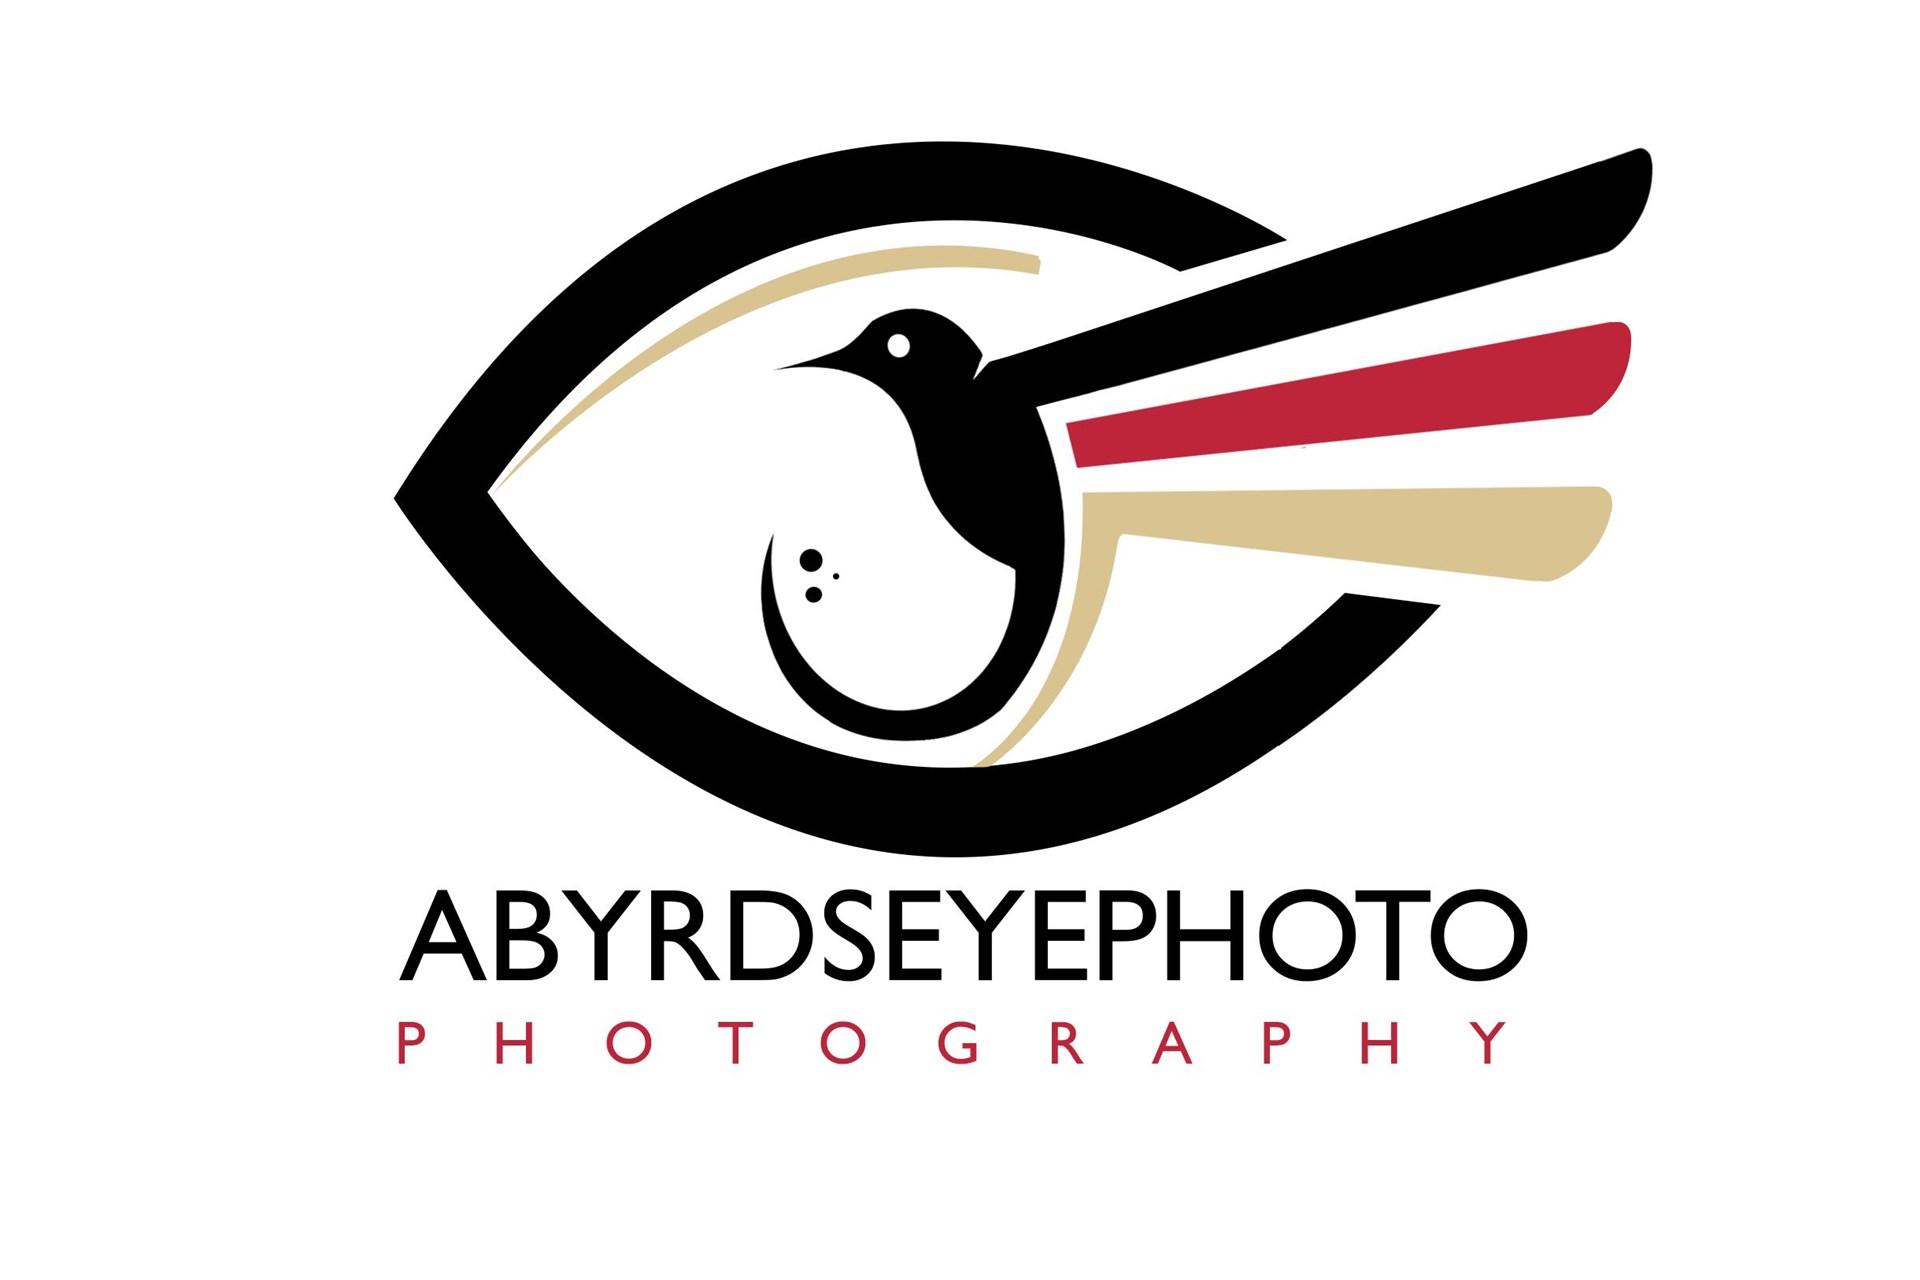 Toledo Ohio Photography Company Abyrdseyephoto Productions